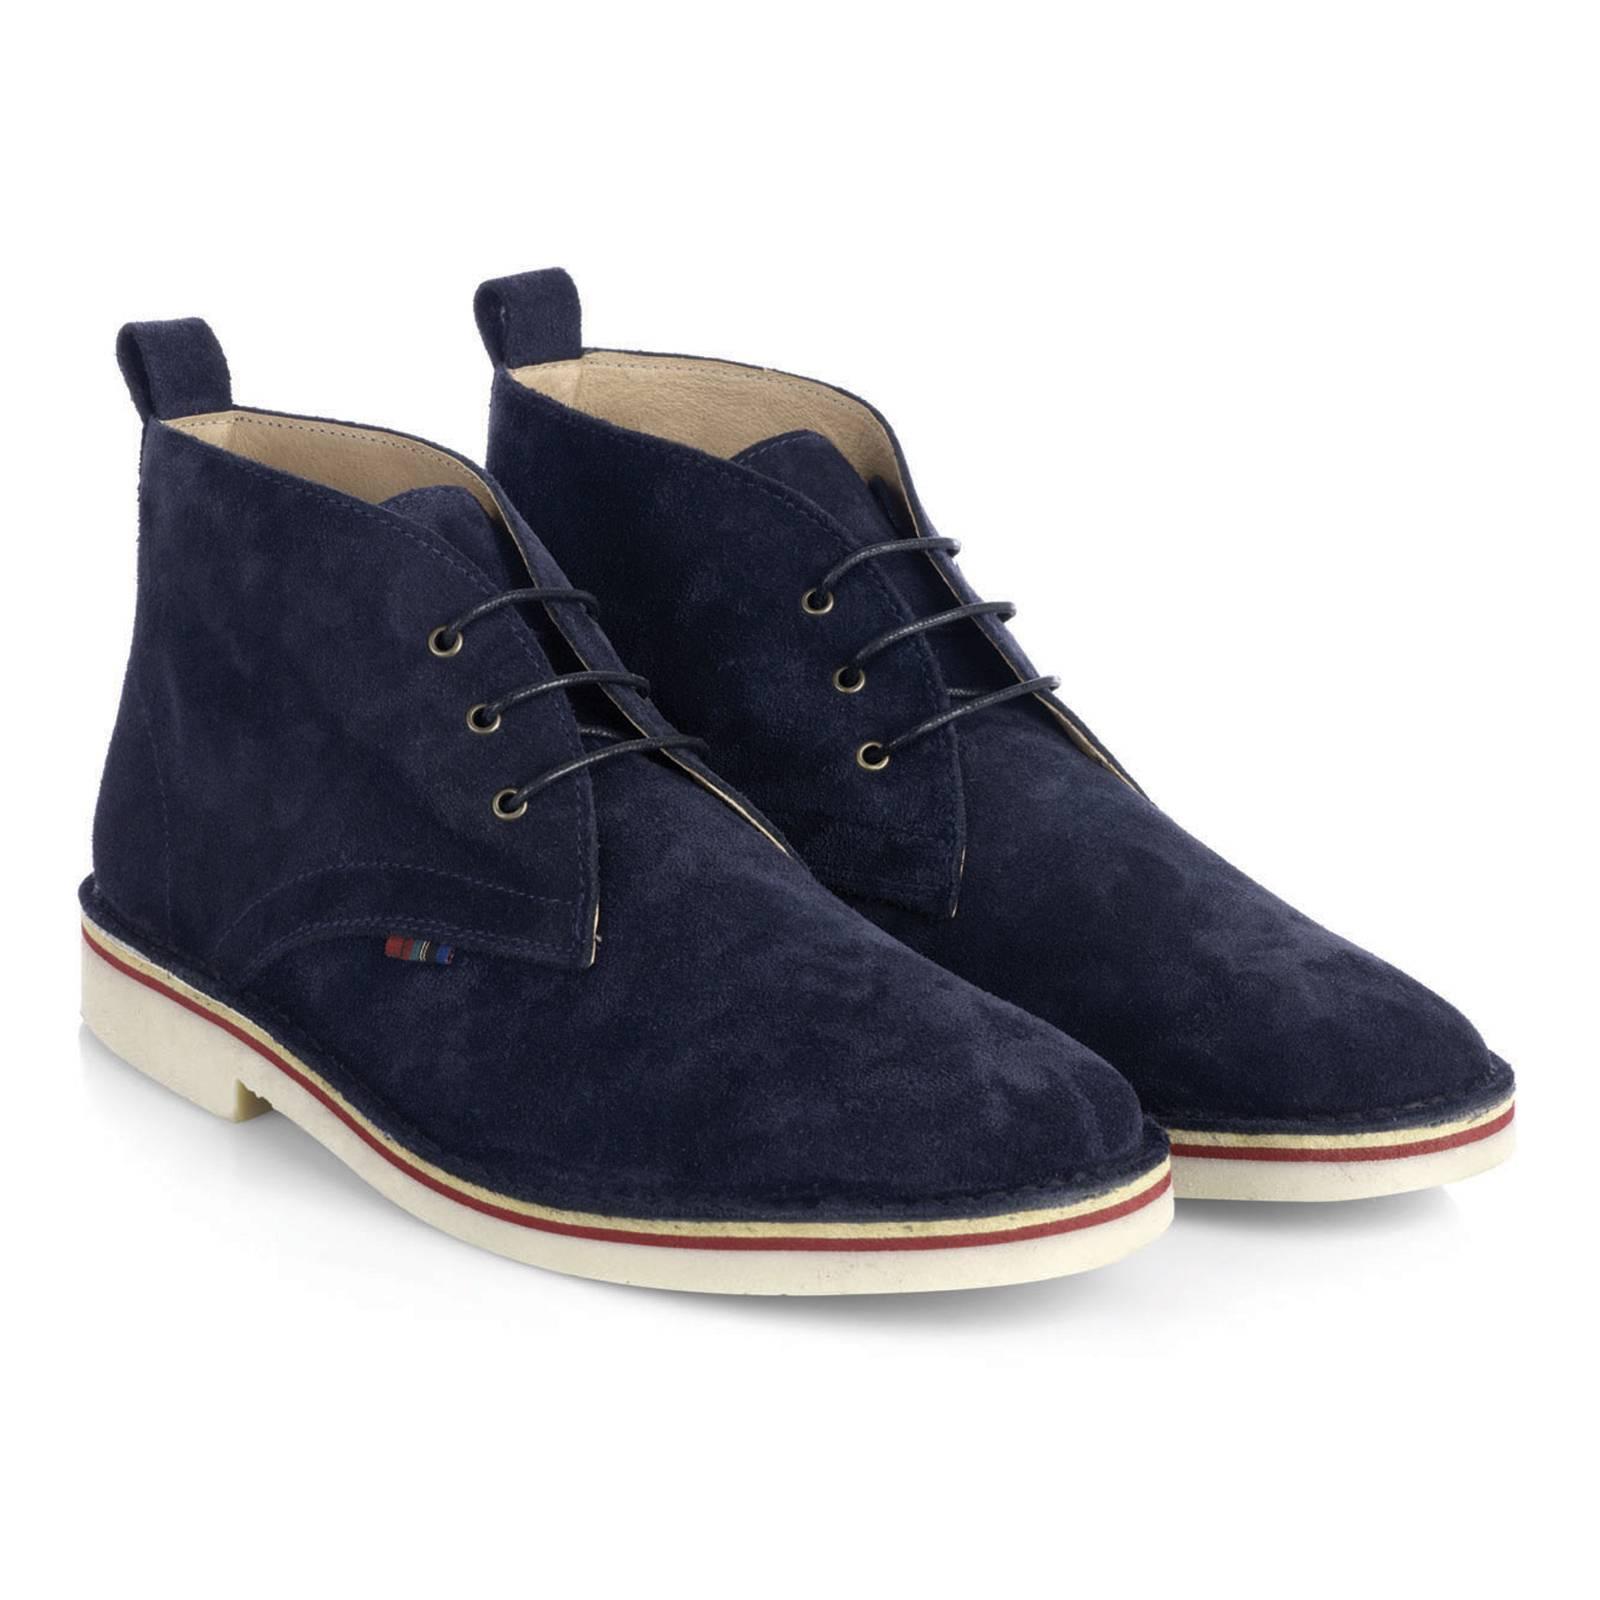 Дезерты HanoverОбувь<br>Легендарная, родом из 60-х, модель кэжуальных ботинок &amp;amp;quot;Desert Boots&amp;amp;quot; - must-have для любого casual модника и основа современного повседневного стиля. Пришедшие в моду из гардероба Британских военных времен Второй мировой войны, в 60-х Дезерты стали модной иконой в задававших тон субкультурах и европейских творческих кругах. С тех пор эти ботинки не сходят со страниц fashion журналов, а их актуальность сегодня не вызывает сомнений. &amp;lt;br /&amp;gt;<br>&amp;lt;br /&amp;gt;<br>Произведенные в Испании из высококачественной замши в лучших классических традициях стиля, Дезерты Merc комфортны, долговечны и поистине универсальны. Четкое соответствие заявленным размерам - важное дополнение к преимуществам этой модели.&amp;lt;br /&amp;gt;<br>&amp;lt;br /&amp;gt;<br>Desert Boots можно носить с джинсами или чиносами, они прекрасно сочетаются с рубашками-поло, трикотажем и Харрингтонами. Широкая цветовая палитра позволяет подобрать Дезерты Merc в тон верха или на контрасте, в соответствии с последними тенденциями. Фирменная отличительная деталь Дезертов Merc - маленький клетчатый &amp;amp;quot;тартановый&amp;amp;quot; ярлычек справа и тартановая стелька.<br><br>Артикул: 0913210<br>Материал: 100% замша /гибкая резиновая подошва<br>Цвет: синий<br>Пол: Мужской